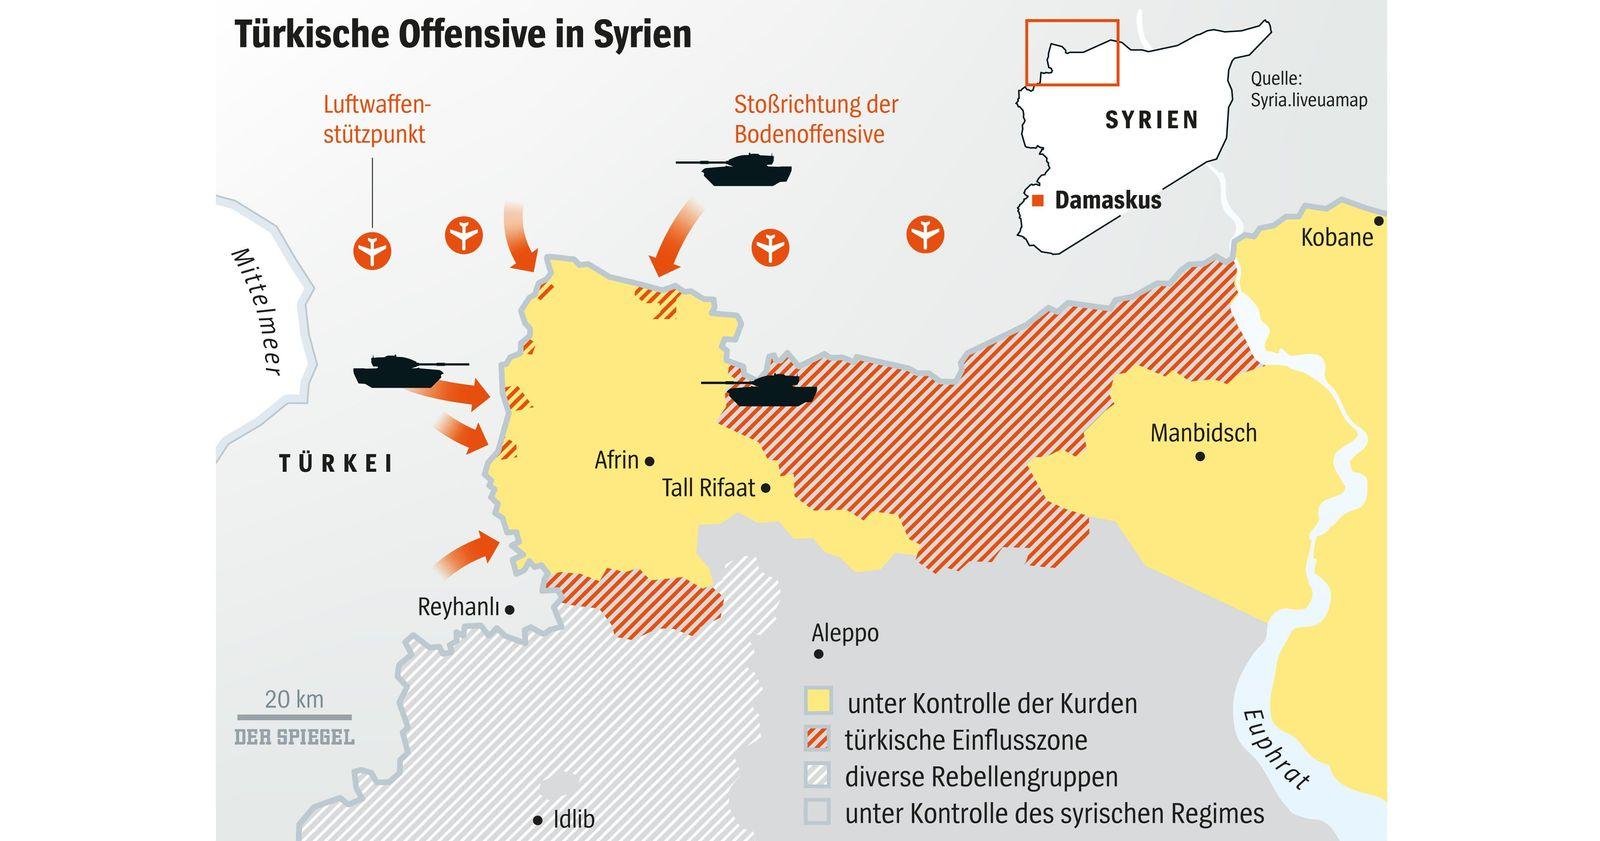 EINMALIGE VERWENDUNG SPIEGEL 5/2018 S.78 Karte Türkische Offensive Syrien